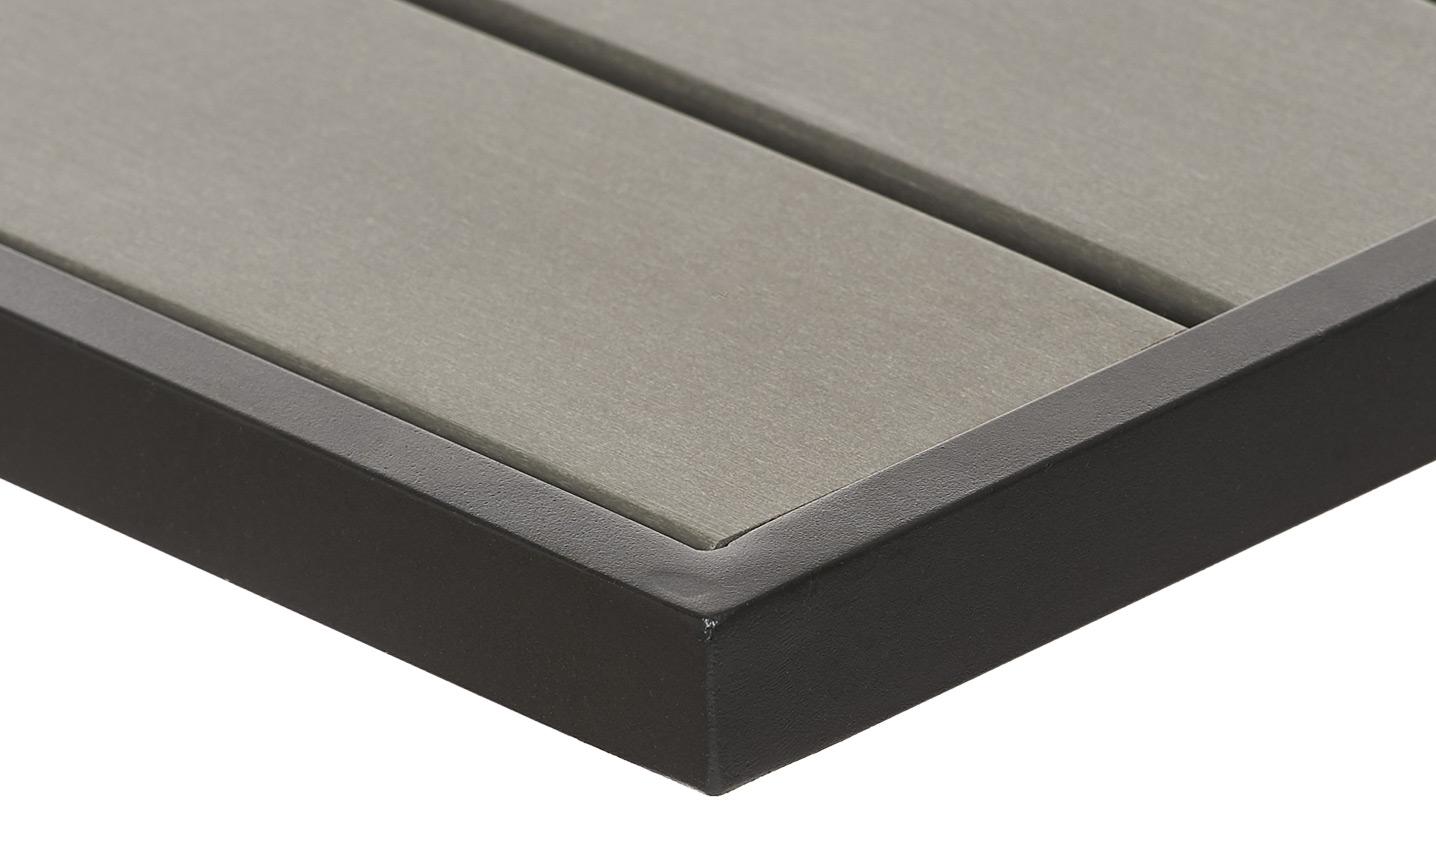 SEASIDE-TABLE-BFM-2.jpg